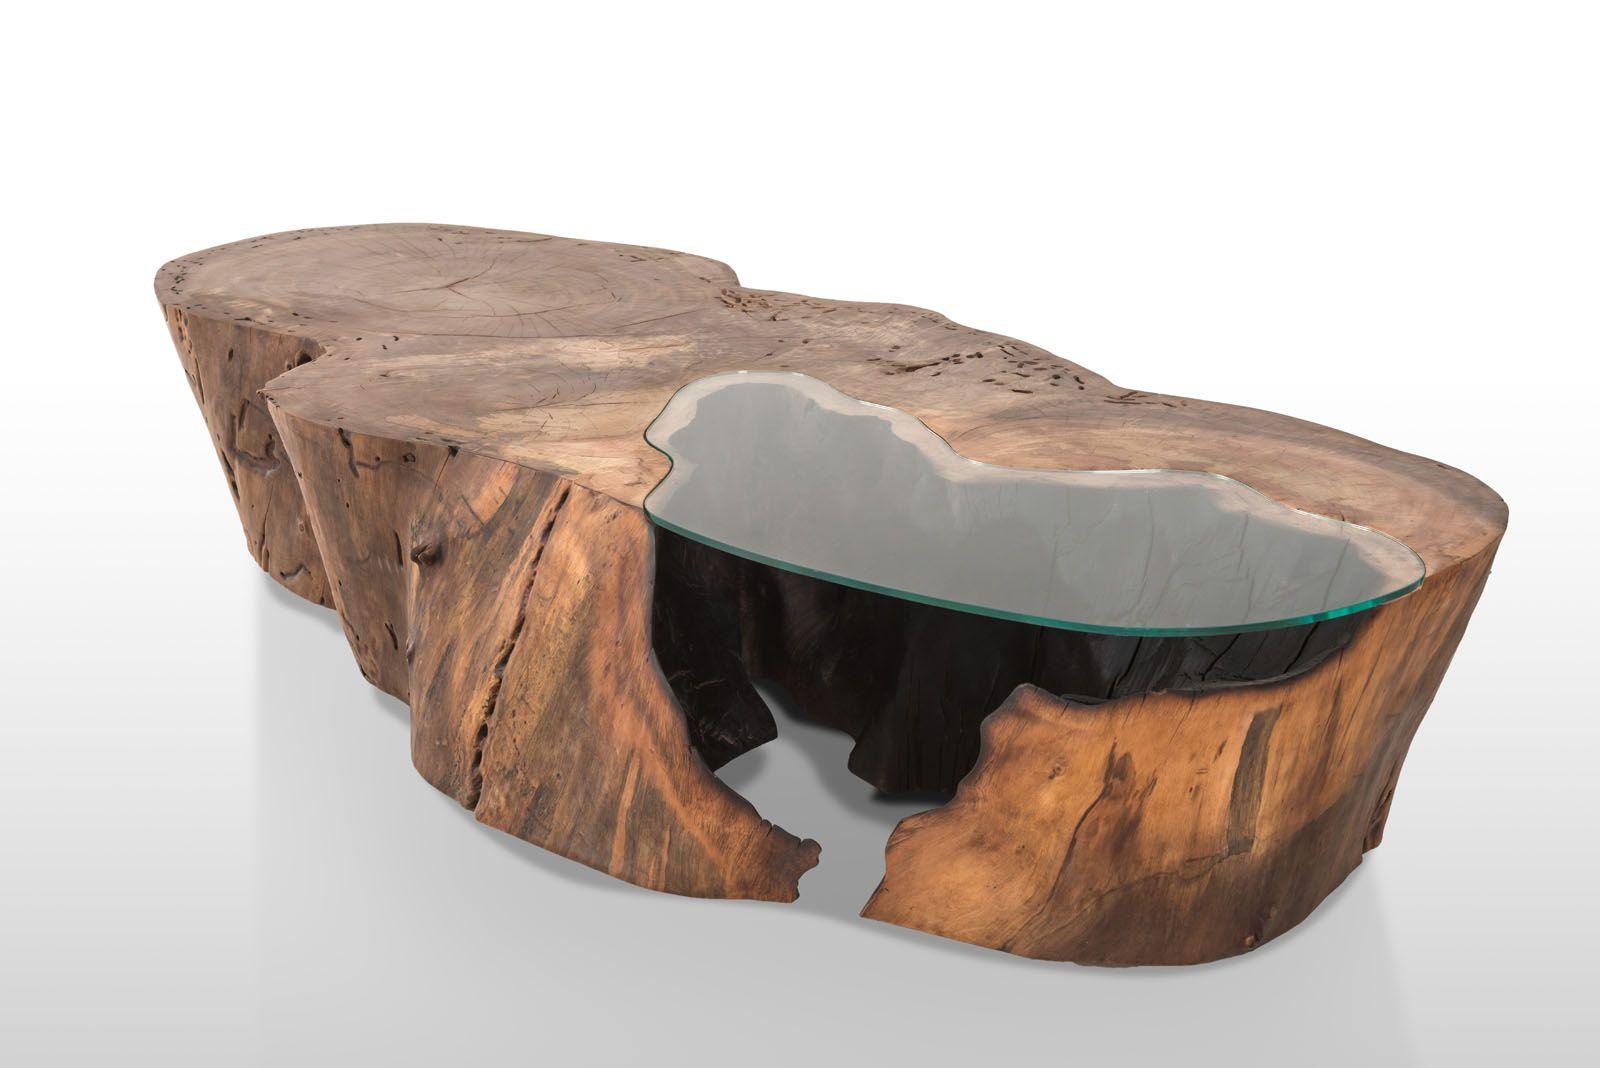 Mesa de centro r stica tronco decora o tronco de rvore for Mesa de tronco